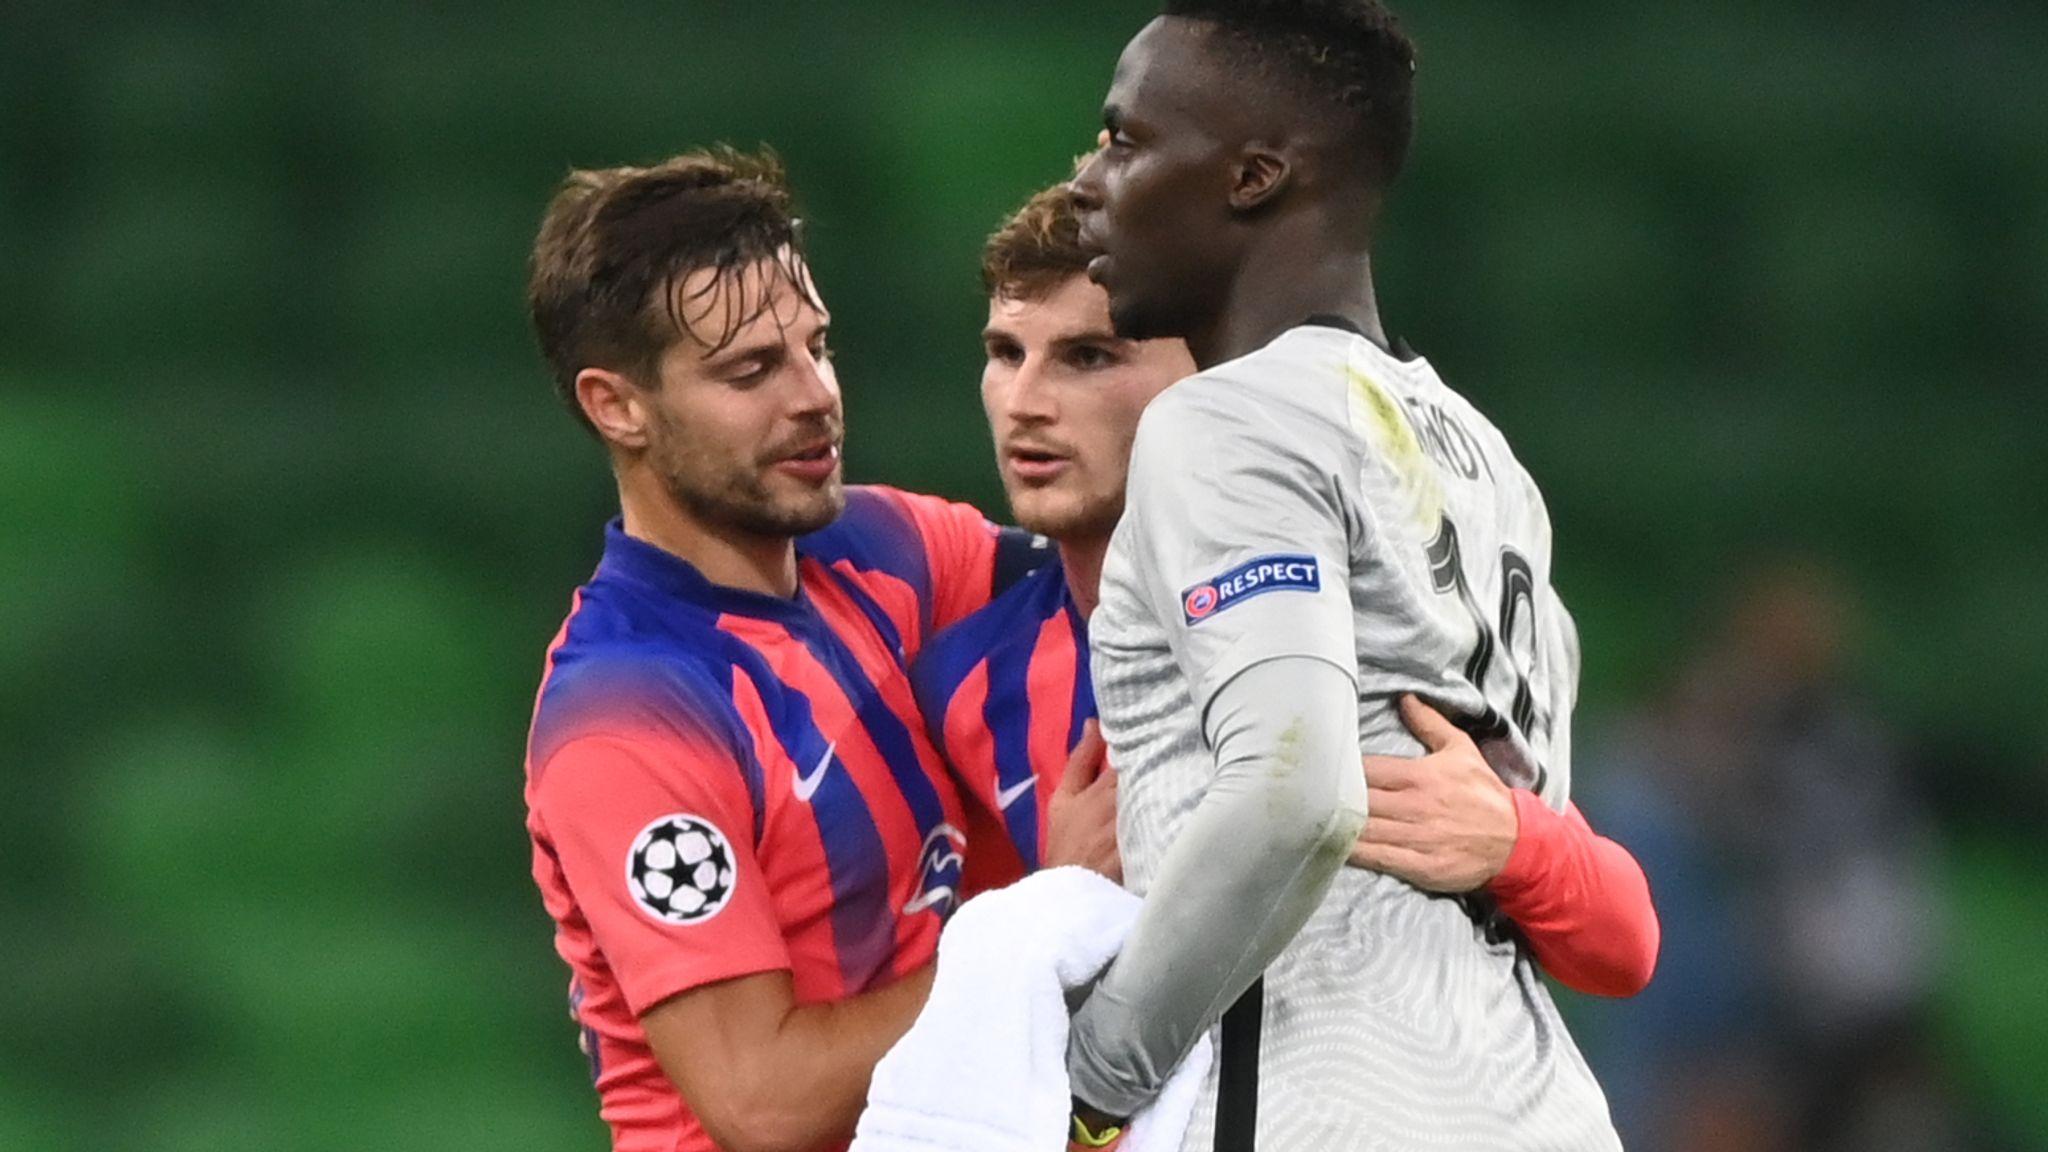 Nhận định Chelsea vs Krasnodar, 03h00 ngày 9/12, Cúp C1 châu Âu